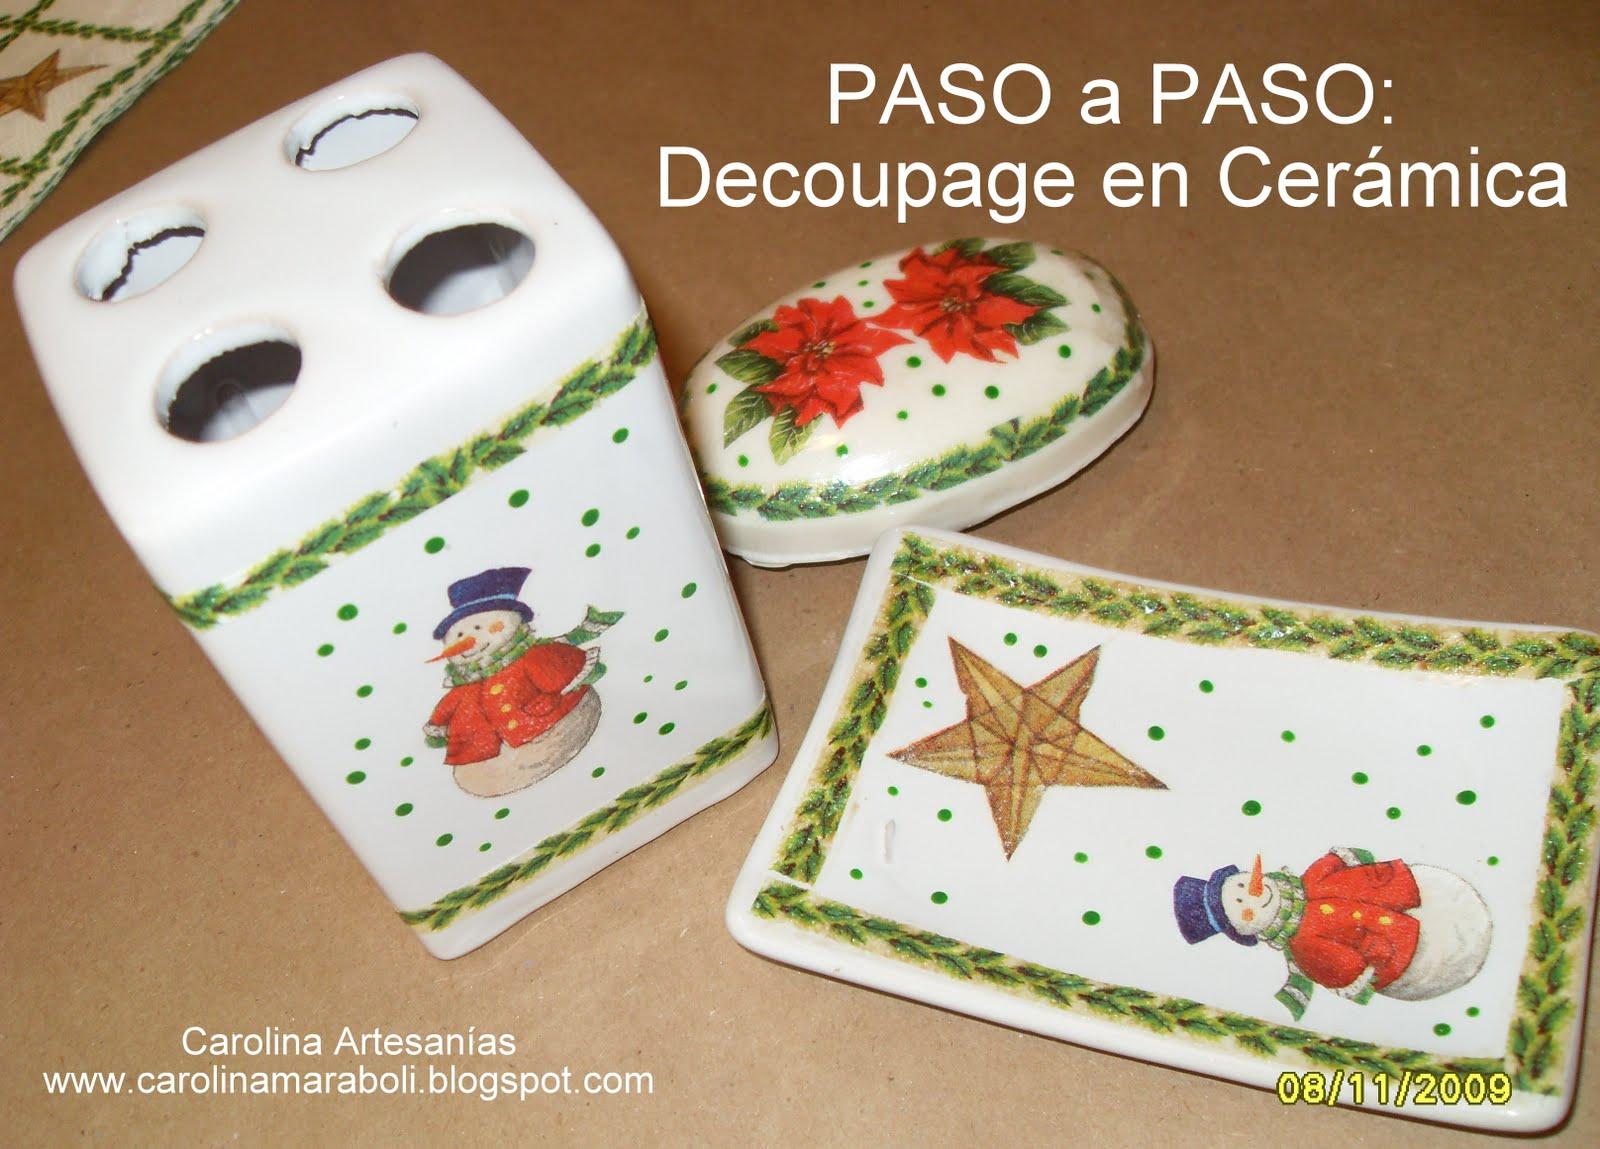 Set De Baño Tejido A Mano:Vitrina de Carolina Artesanías (La Tienda): 5- Set de Baño, navidad